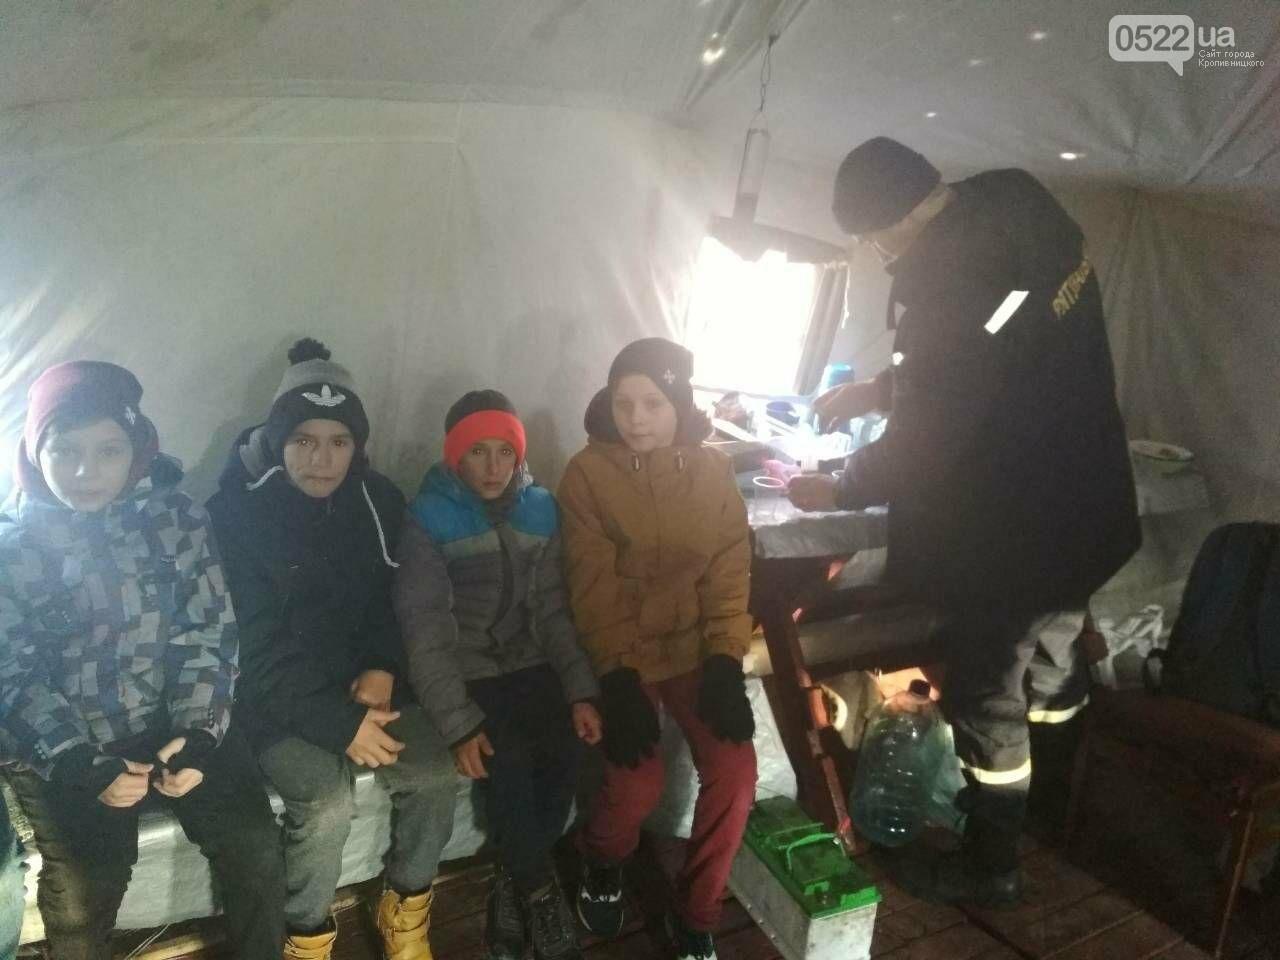 Більше тисячі жителів Світловодська отримали допомогу від рятівників, фото-3